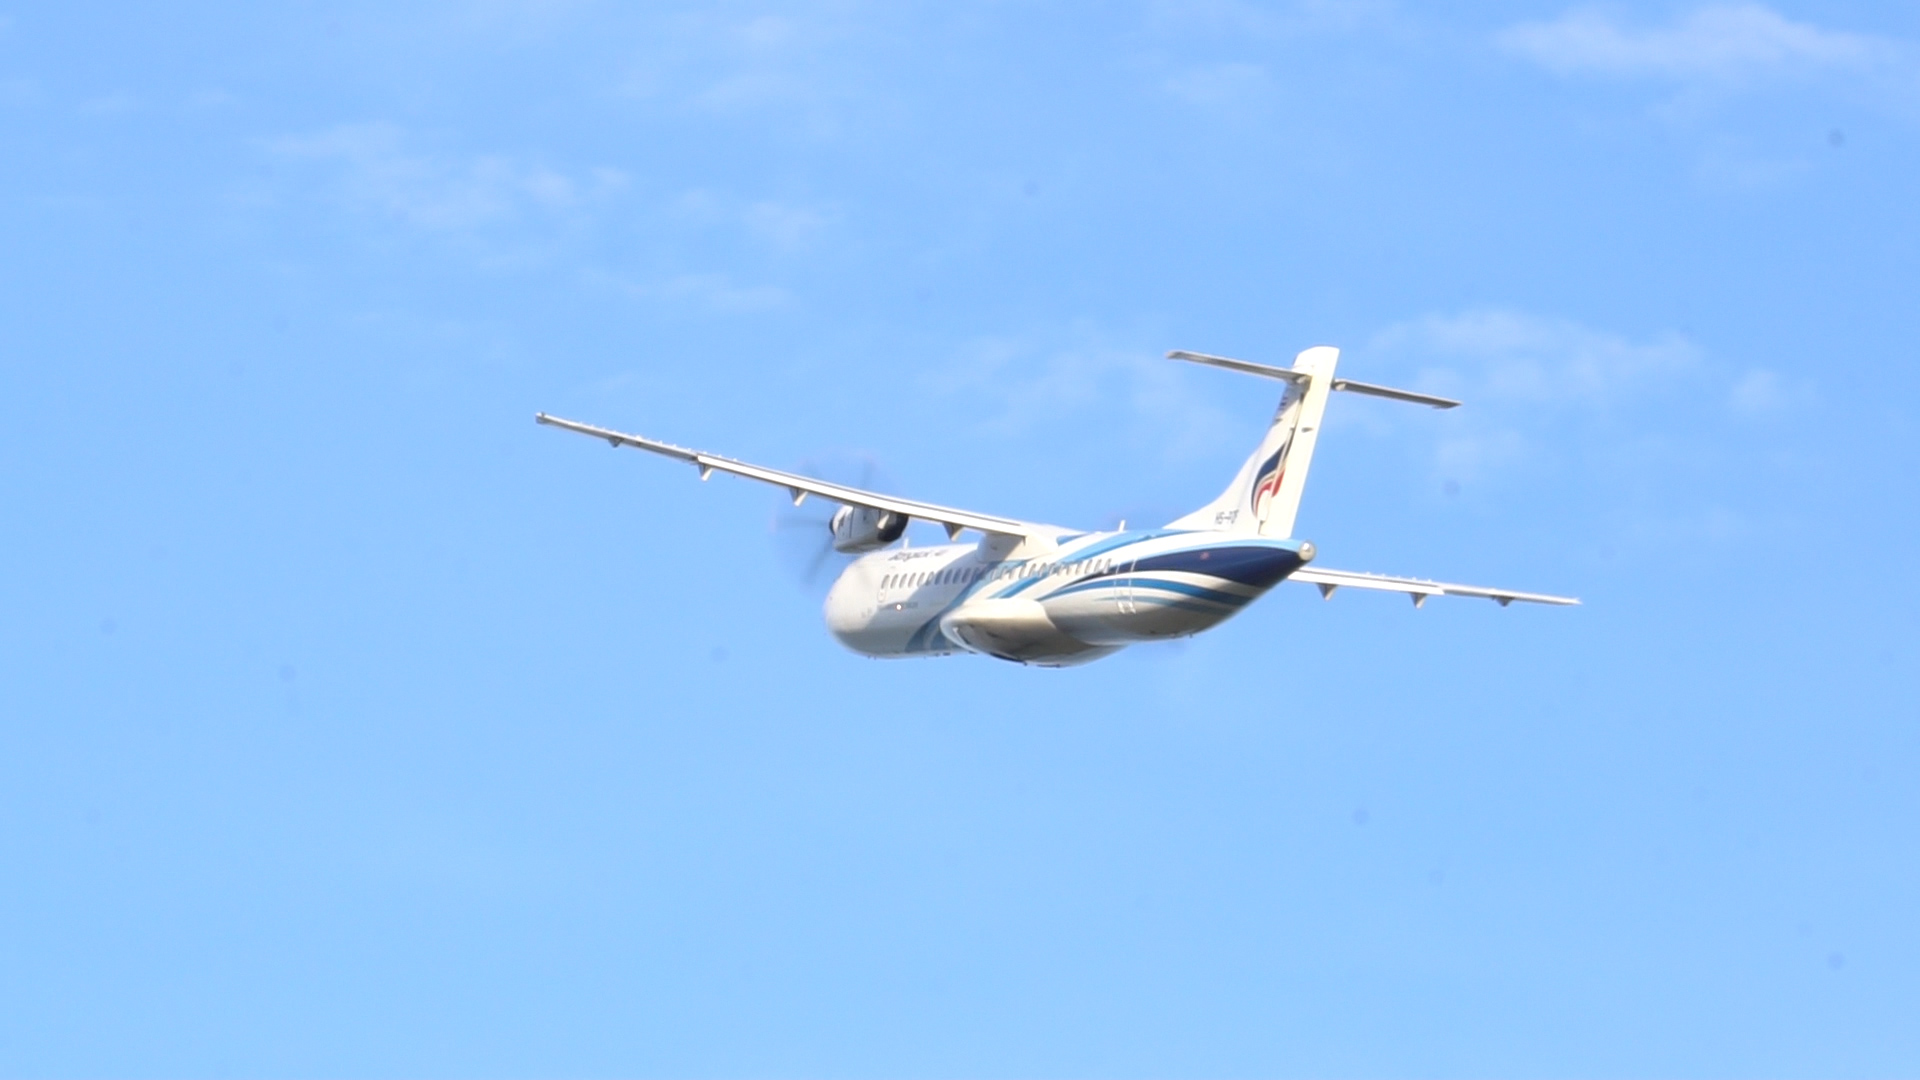 Авиакомпания Bangkok Airways приостановила полеты по некоторым направлениям